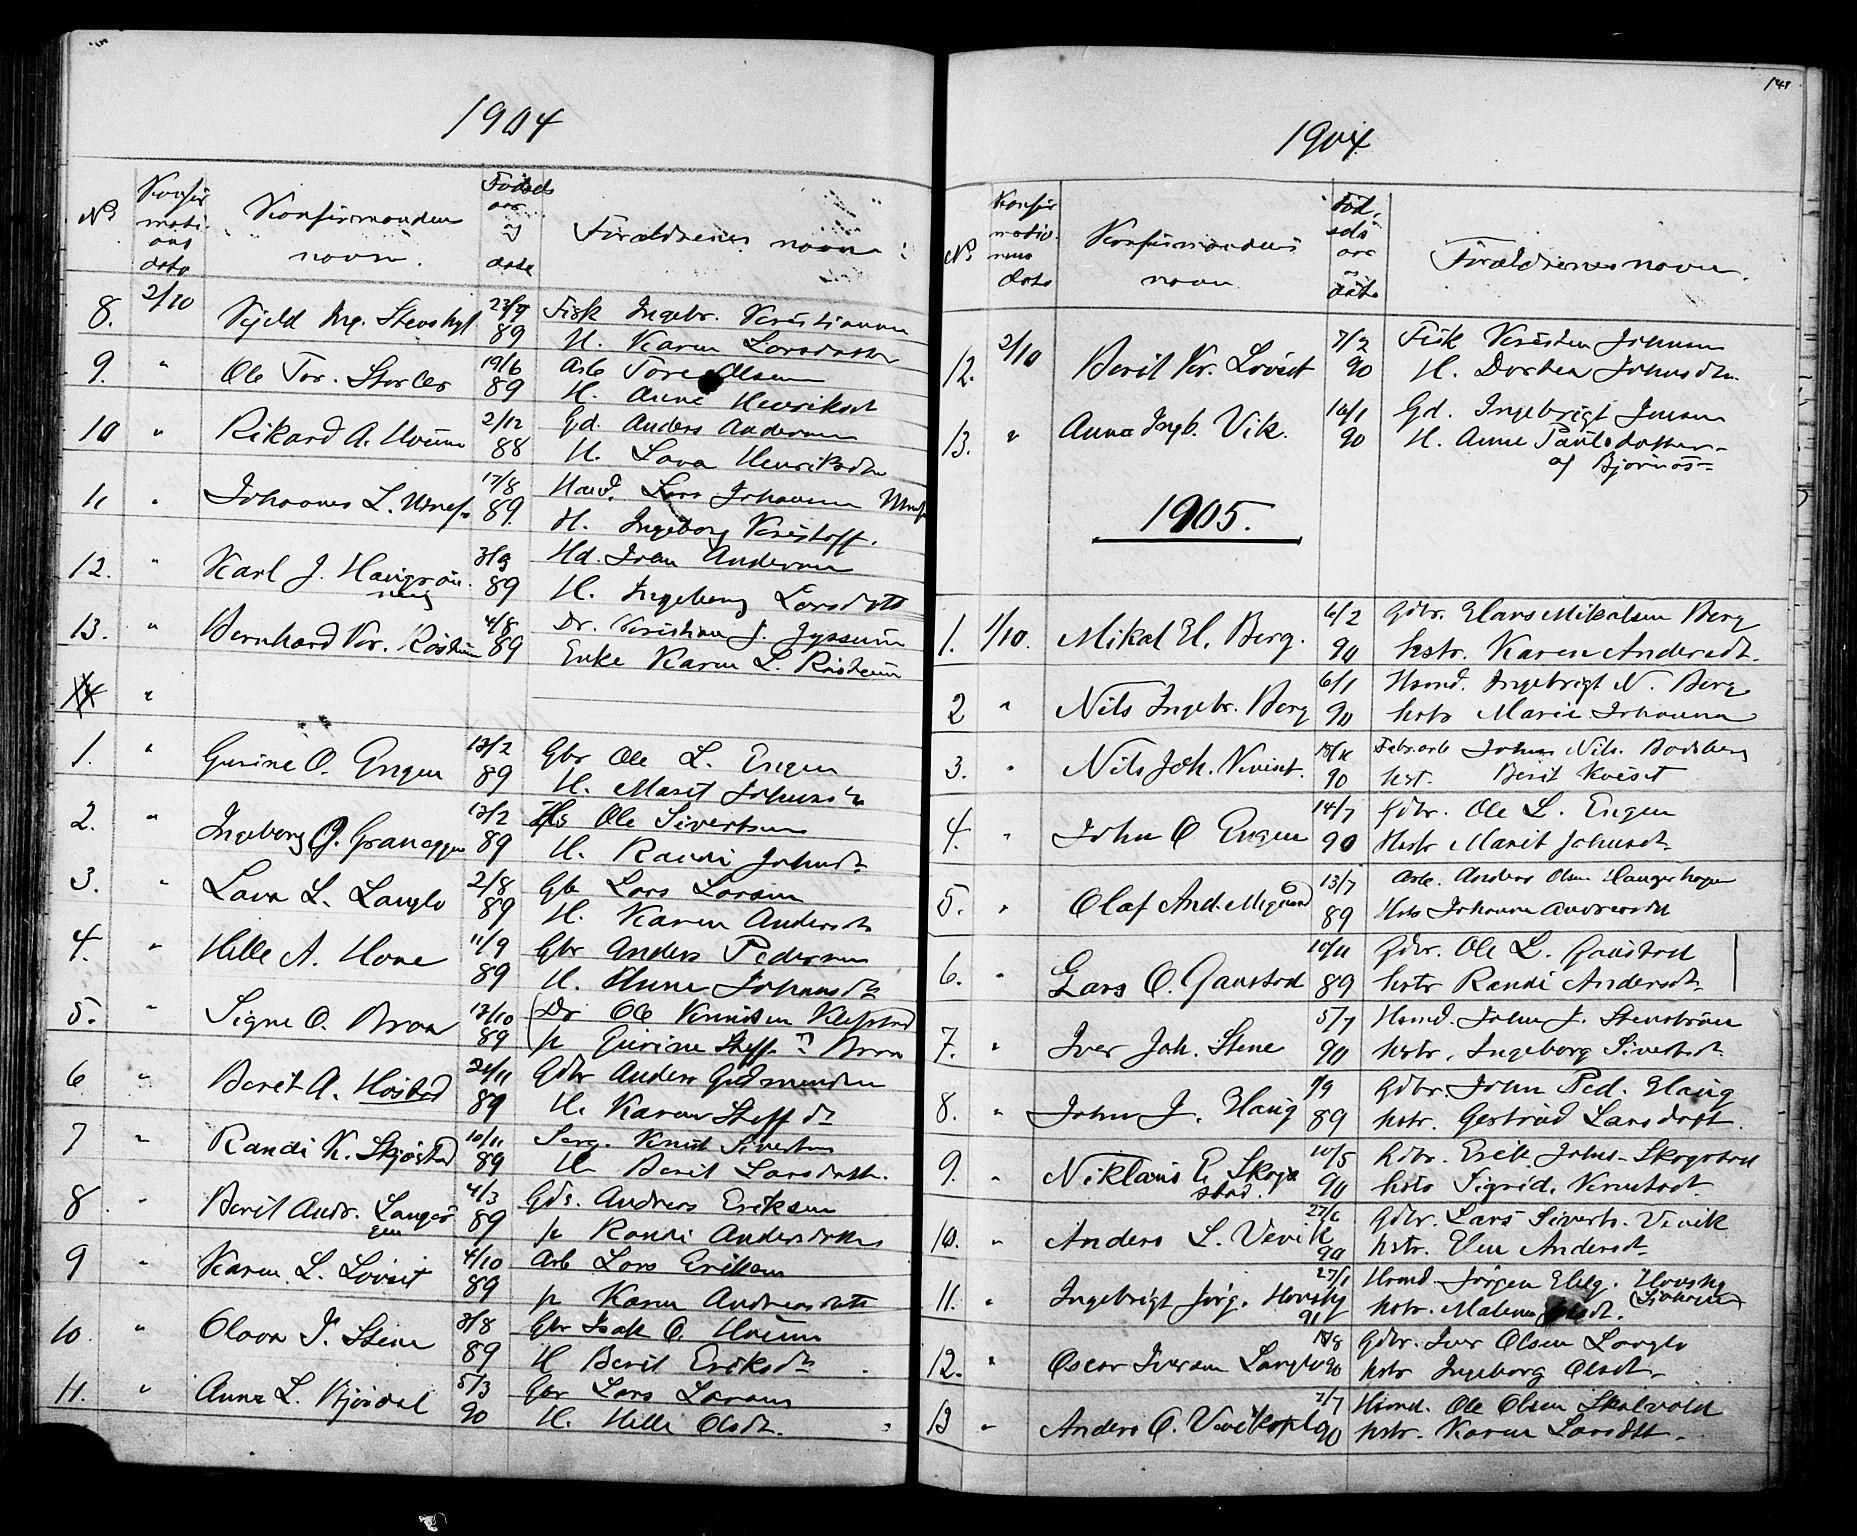 SAT, Ministerialprotokoller, klokkerbøker og fødselsregistre - Sør-Trøndelag, 612/L0387: Klokkerbok nr. 612C03, 1874-1908, s. 141